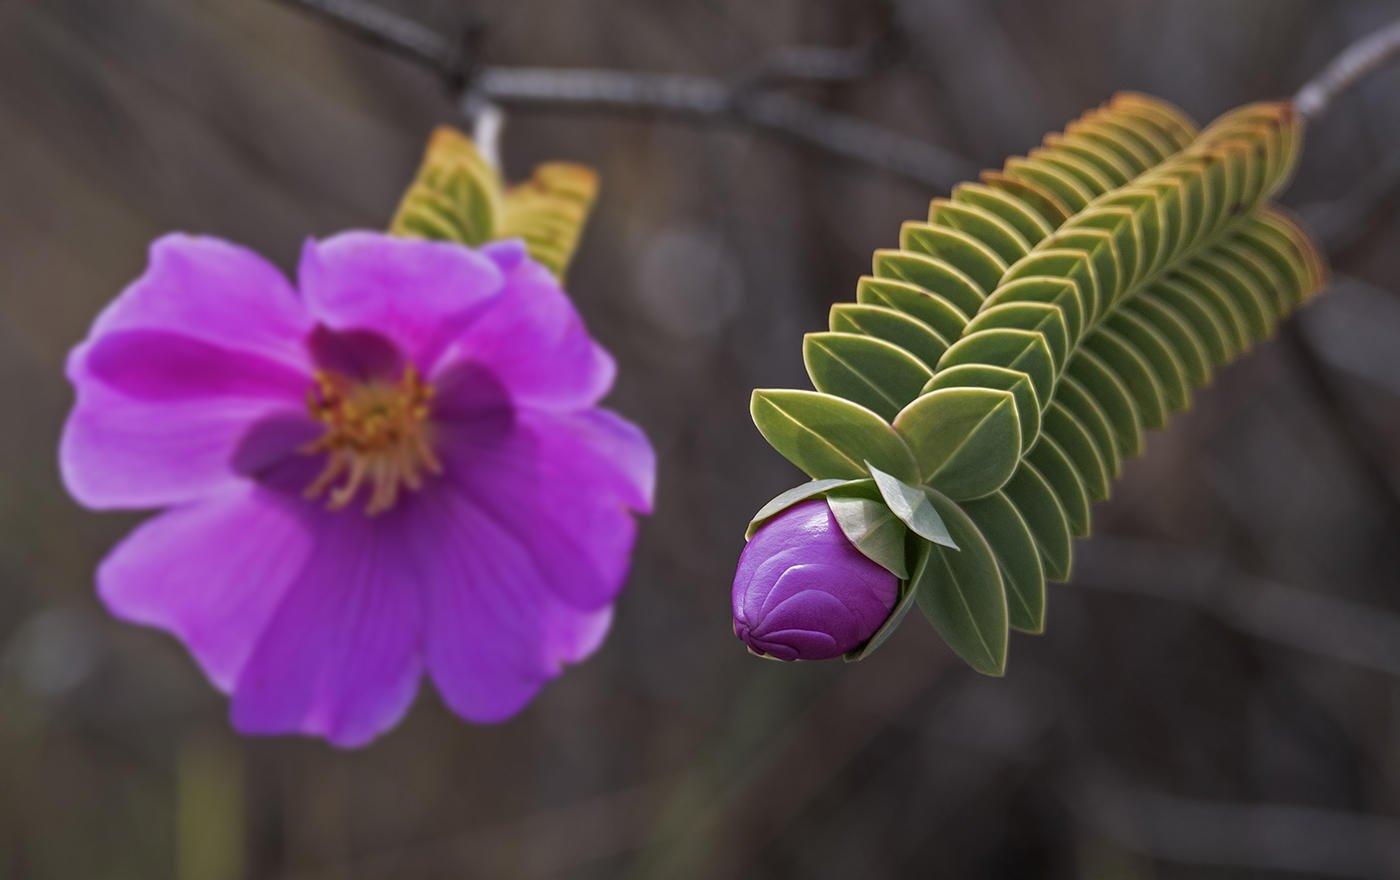 Flor montana sp. (Salvador Solé Soriano)